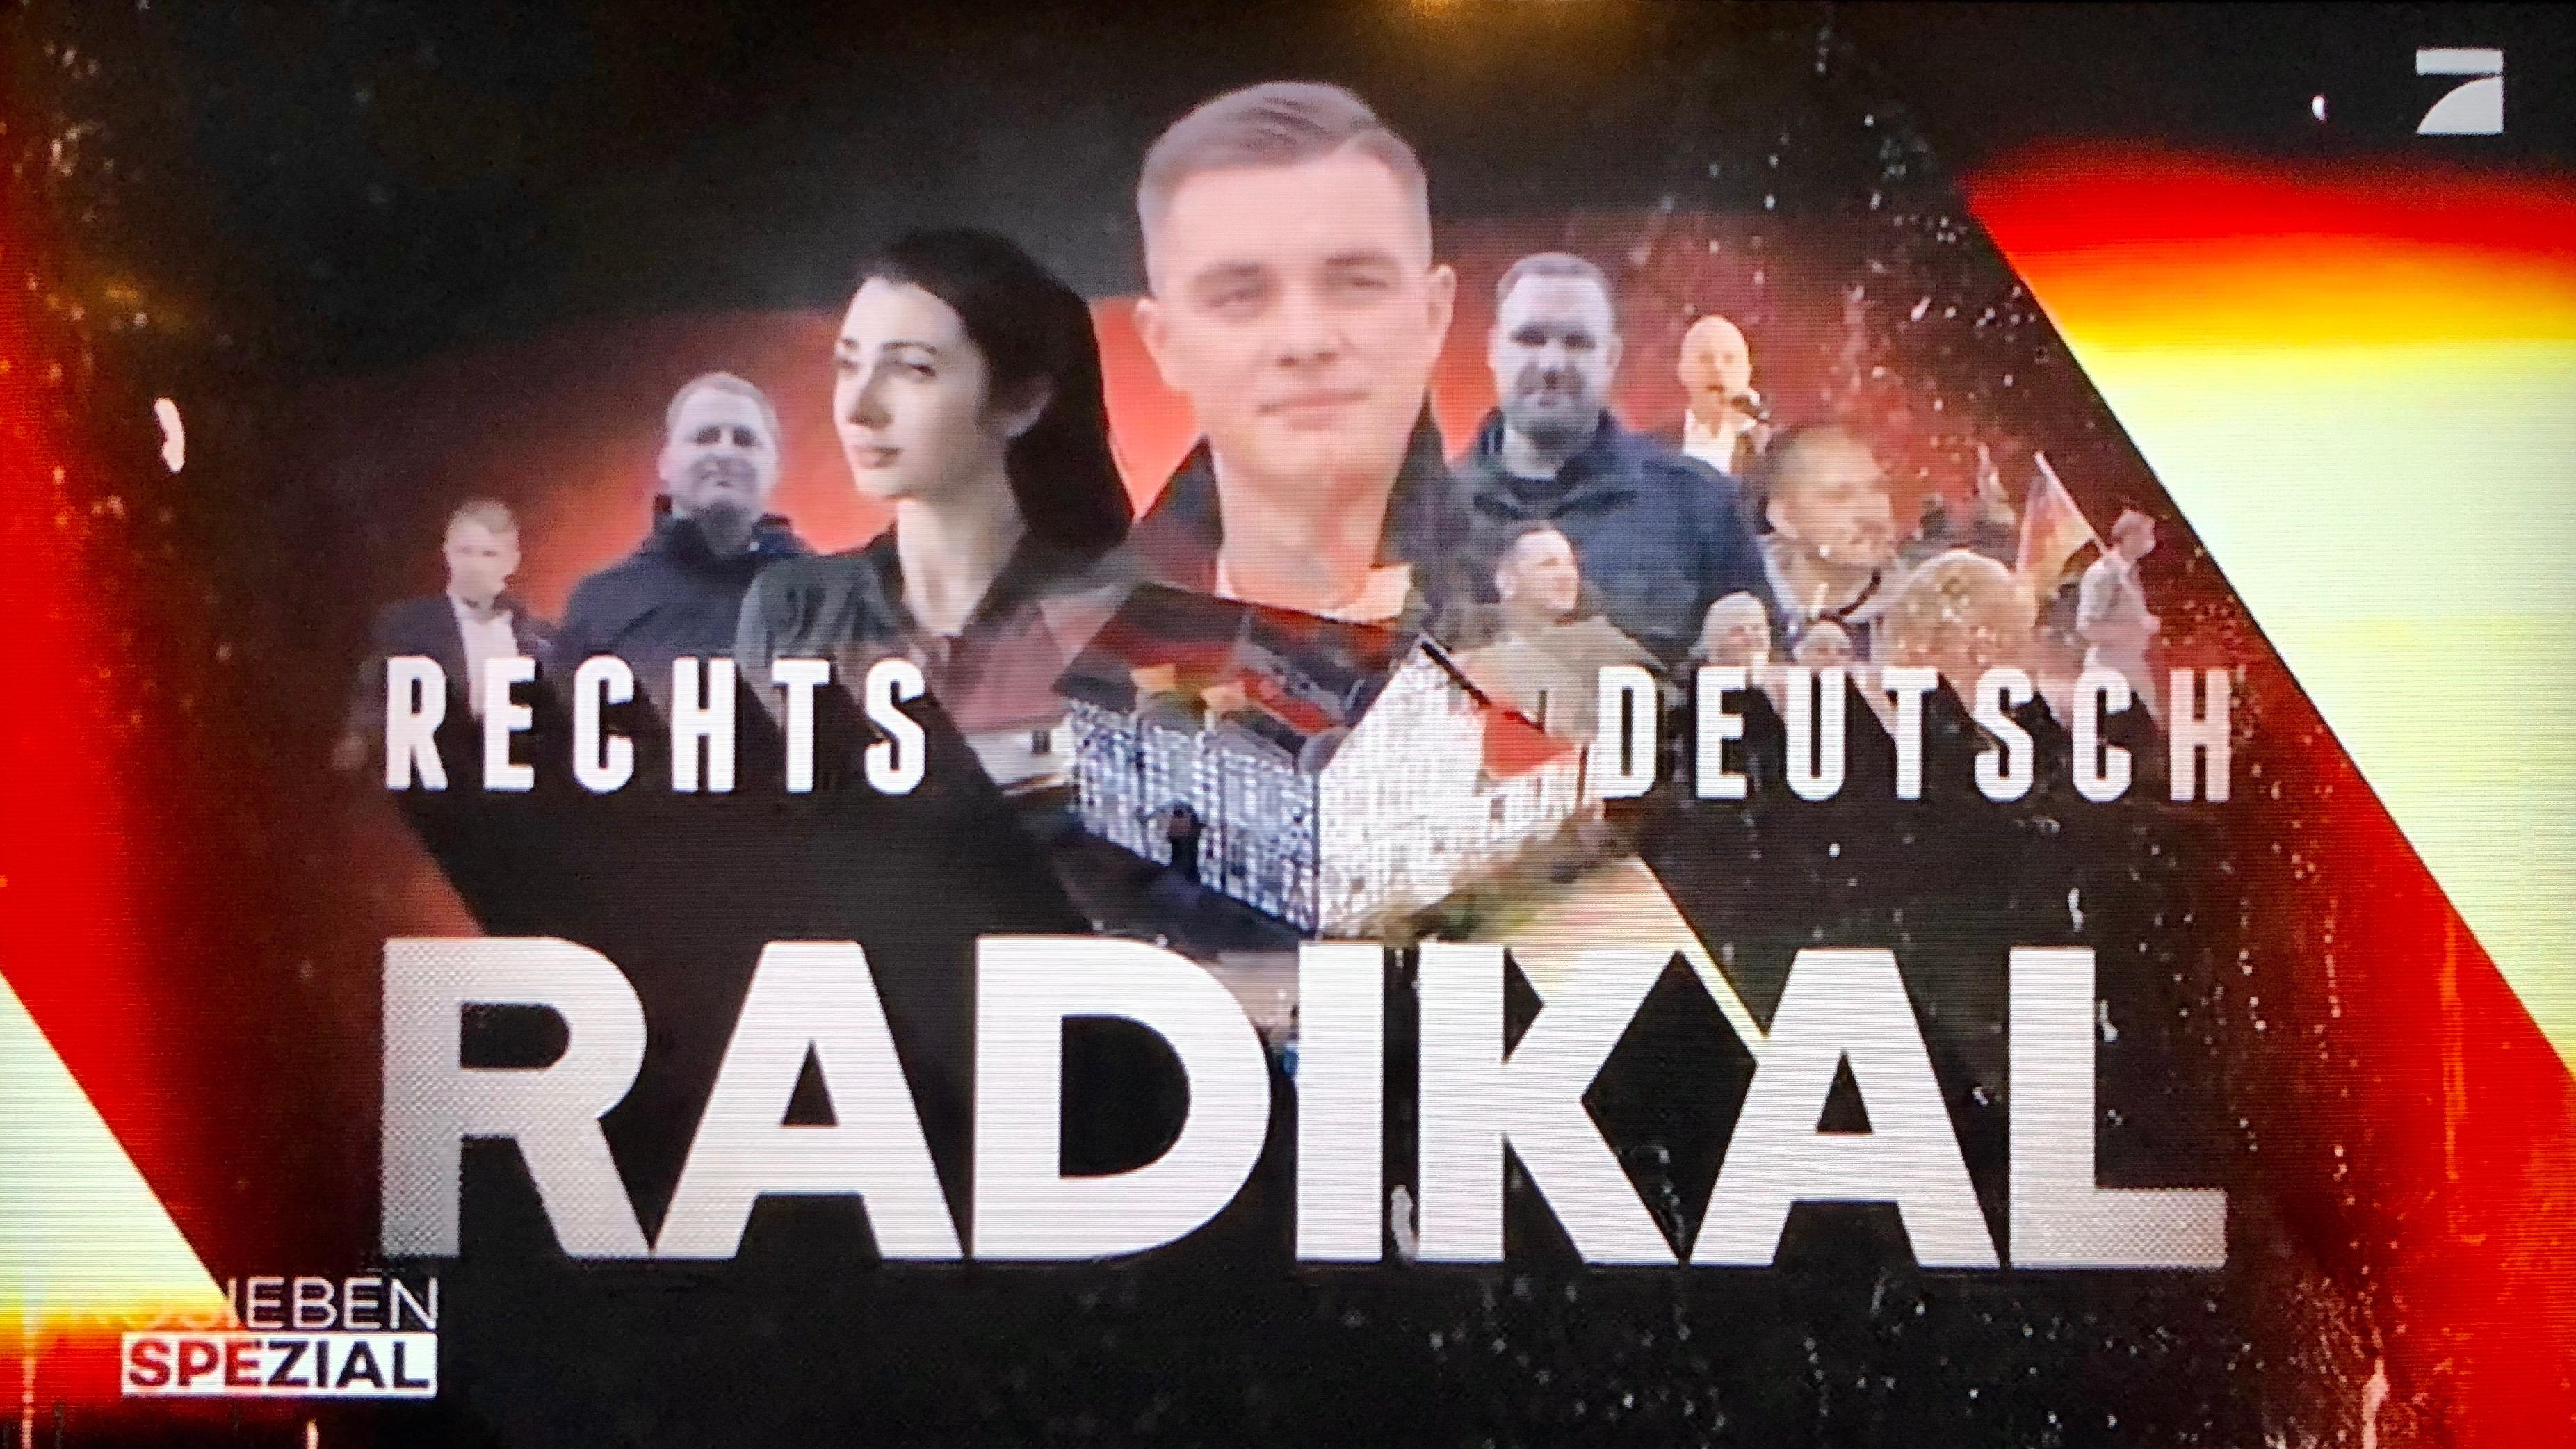 """Medienkorrespondenz: """"Rechts. Deutsch. Radikal."""" Als Pro Sieben auffiel,  weil der Privatsender politische Information statt Unterhaltung bot"""